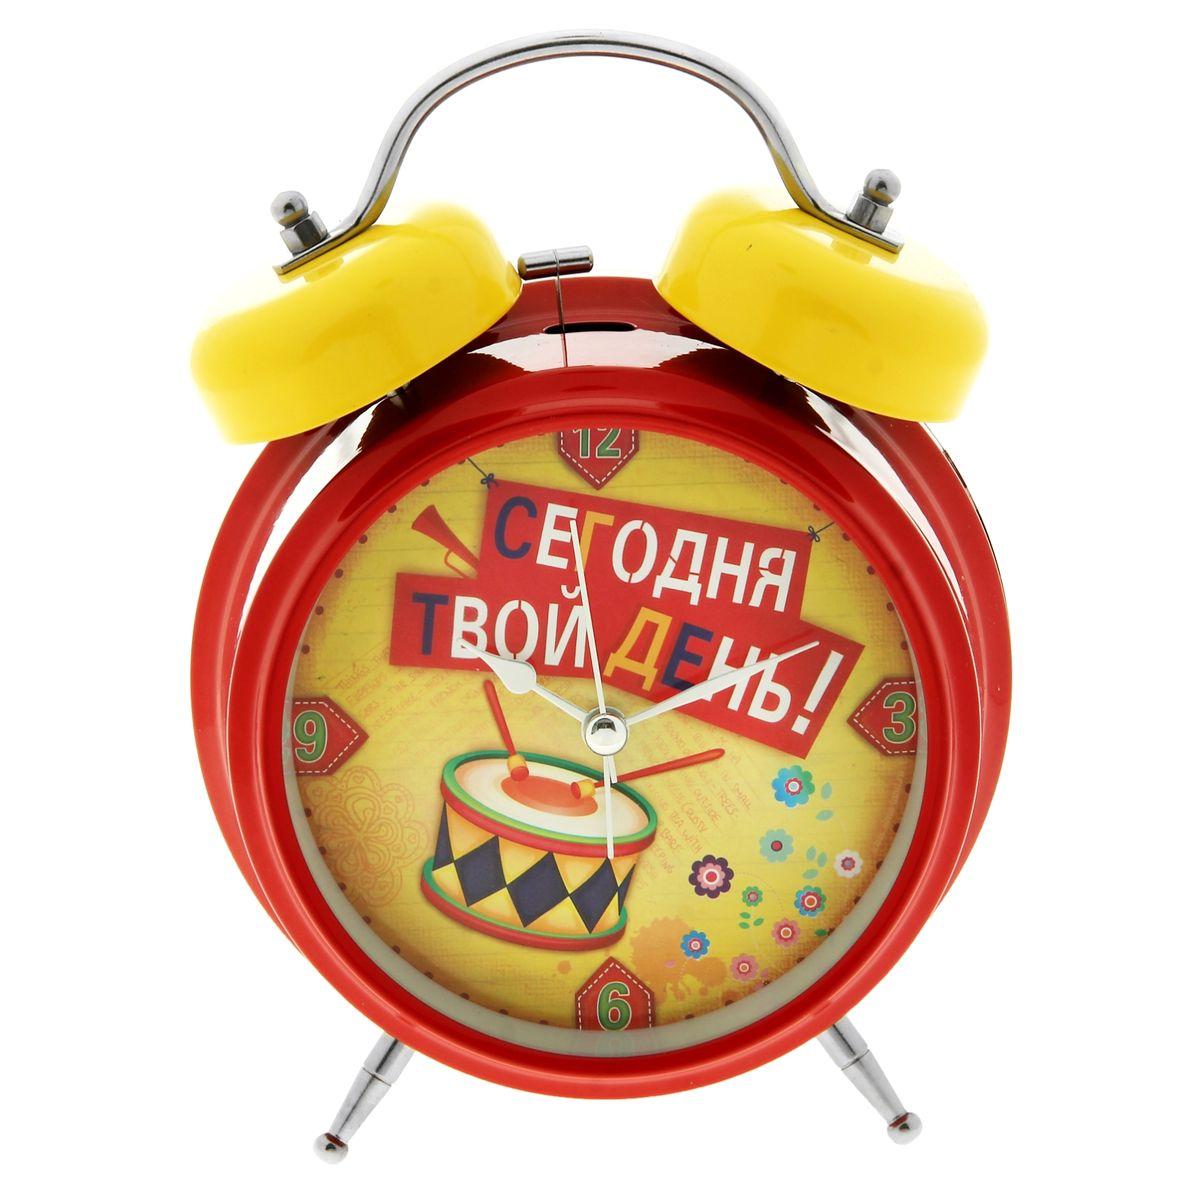 Часы-будильник Sima-land Сегодня твой день!N-08Как же сложно иногда вставать вовремя! Всегда так хочется поспать еще хотя бы 5 минут и бывает, что мы просыпаем. Теперь этого не случится! Яркий, оригинальный будильник Sima-land Сегодня твой день! поможет вам всегда вставать в нужное время и успевать везде и всюду. Будильник украсит вашу комнату и приведет в восхищение друзей. Время показывает точно и будит в установленный час.На задней панели будильника расположены переключатель включения/выключения механизма, а также два колесика для настройки текущего времени и времени звонка будильника. Также будильник оснащен кнопкой, при нажатии и удержании которой, подсвечивается циферблат. Будильник работает от 1 батарейки типа C напряжением 1,5V (не входит в комплект).